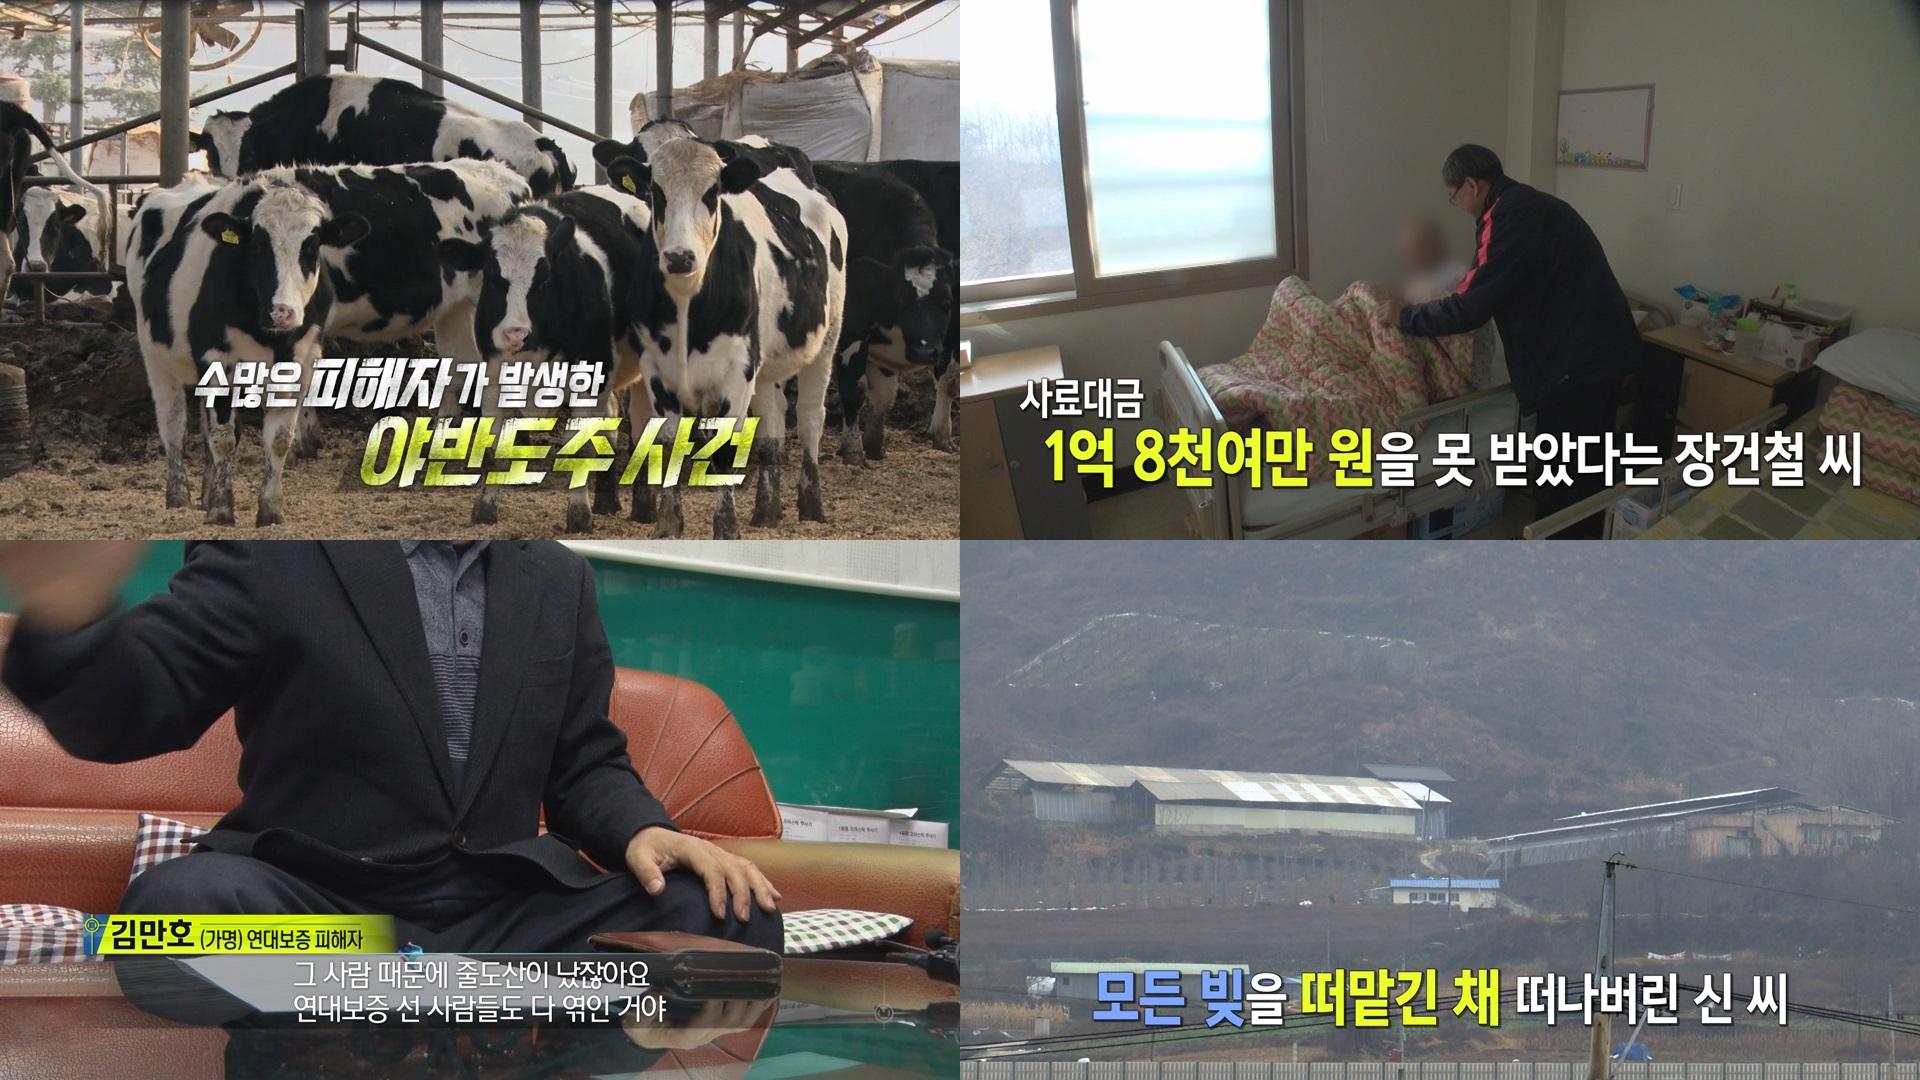 '실화탐사대' 1998년 제천에는 무슨 일이? 마이크로닷 부모 사기 사건 집중 추적